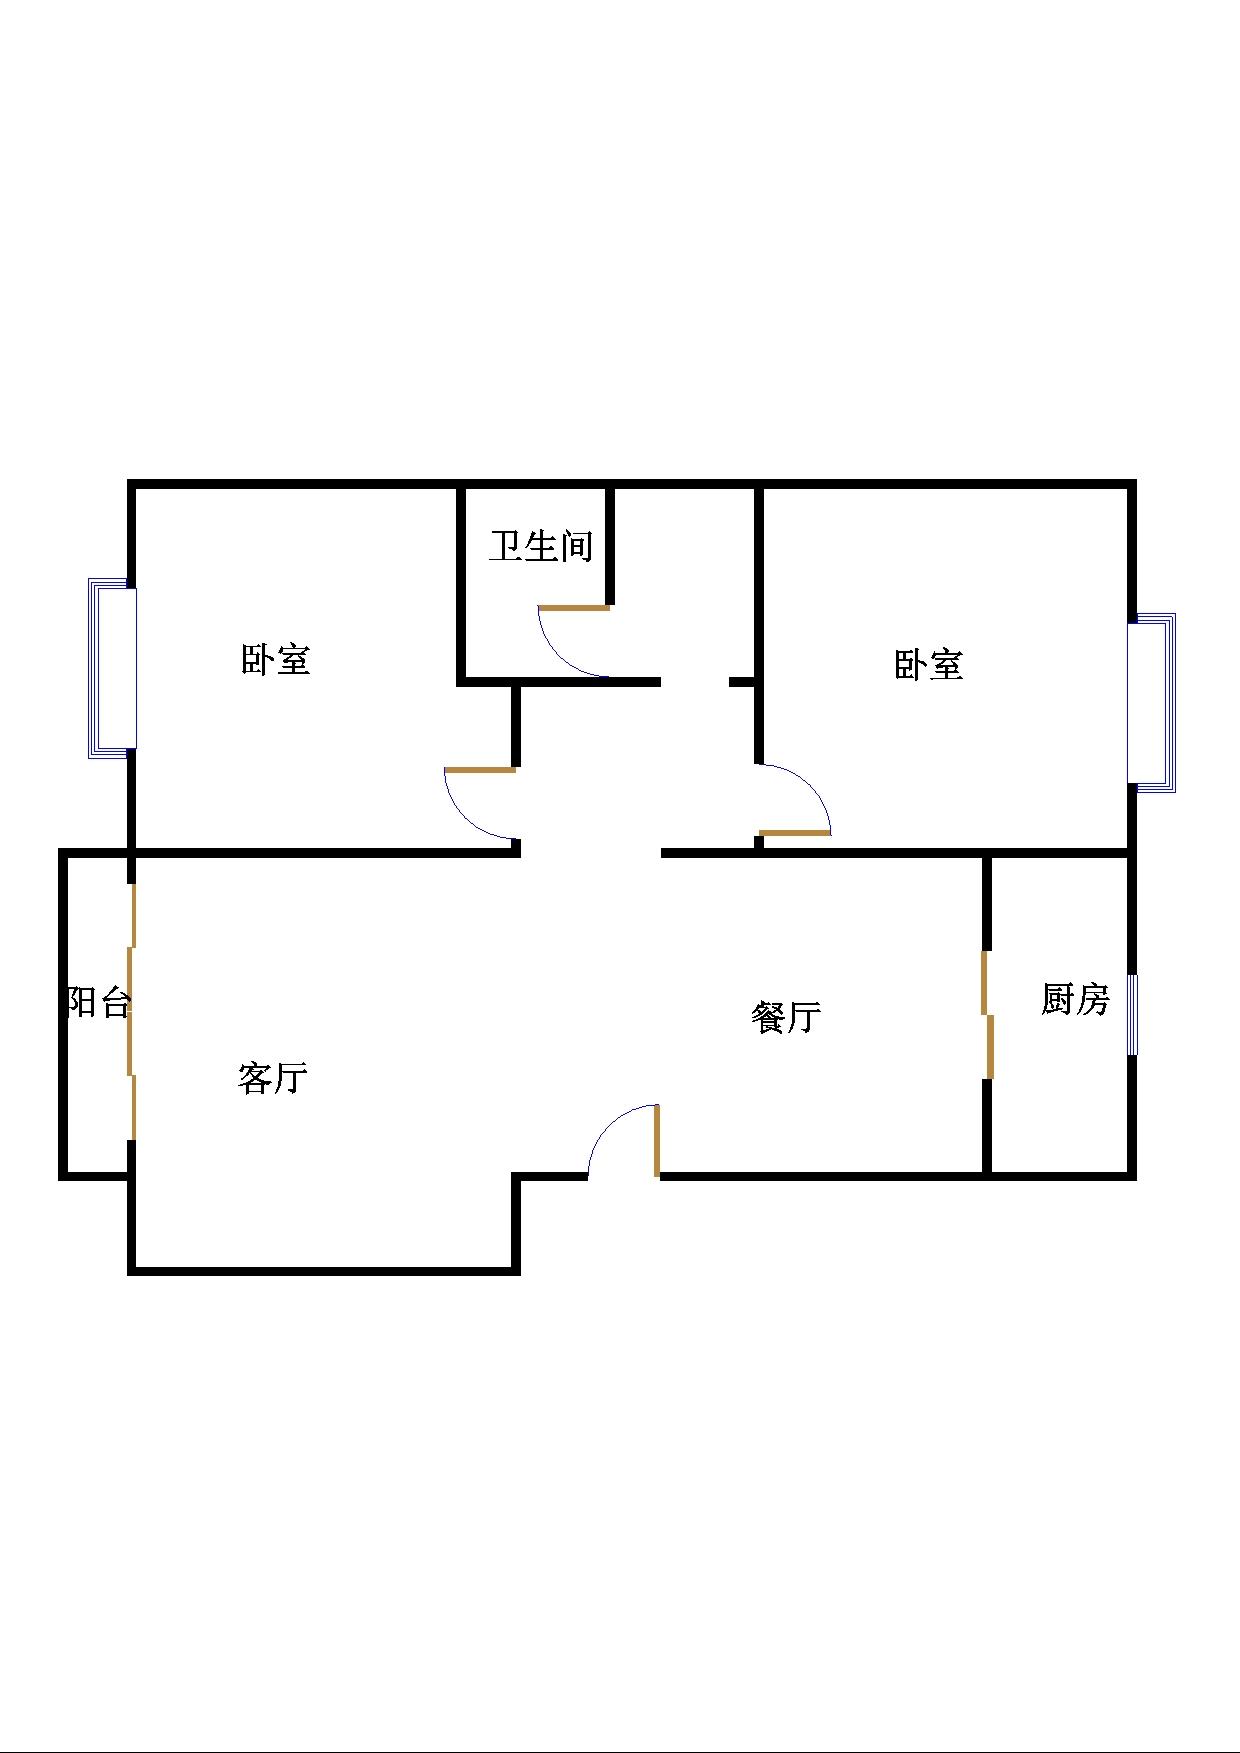 五环庄园 2室2厅 双证齐全过五年 精装 110万